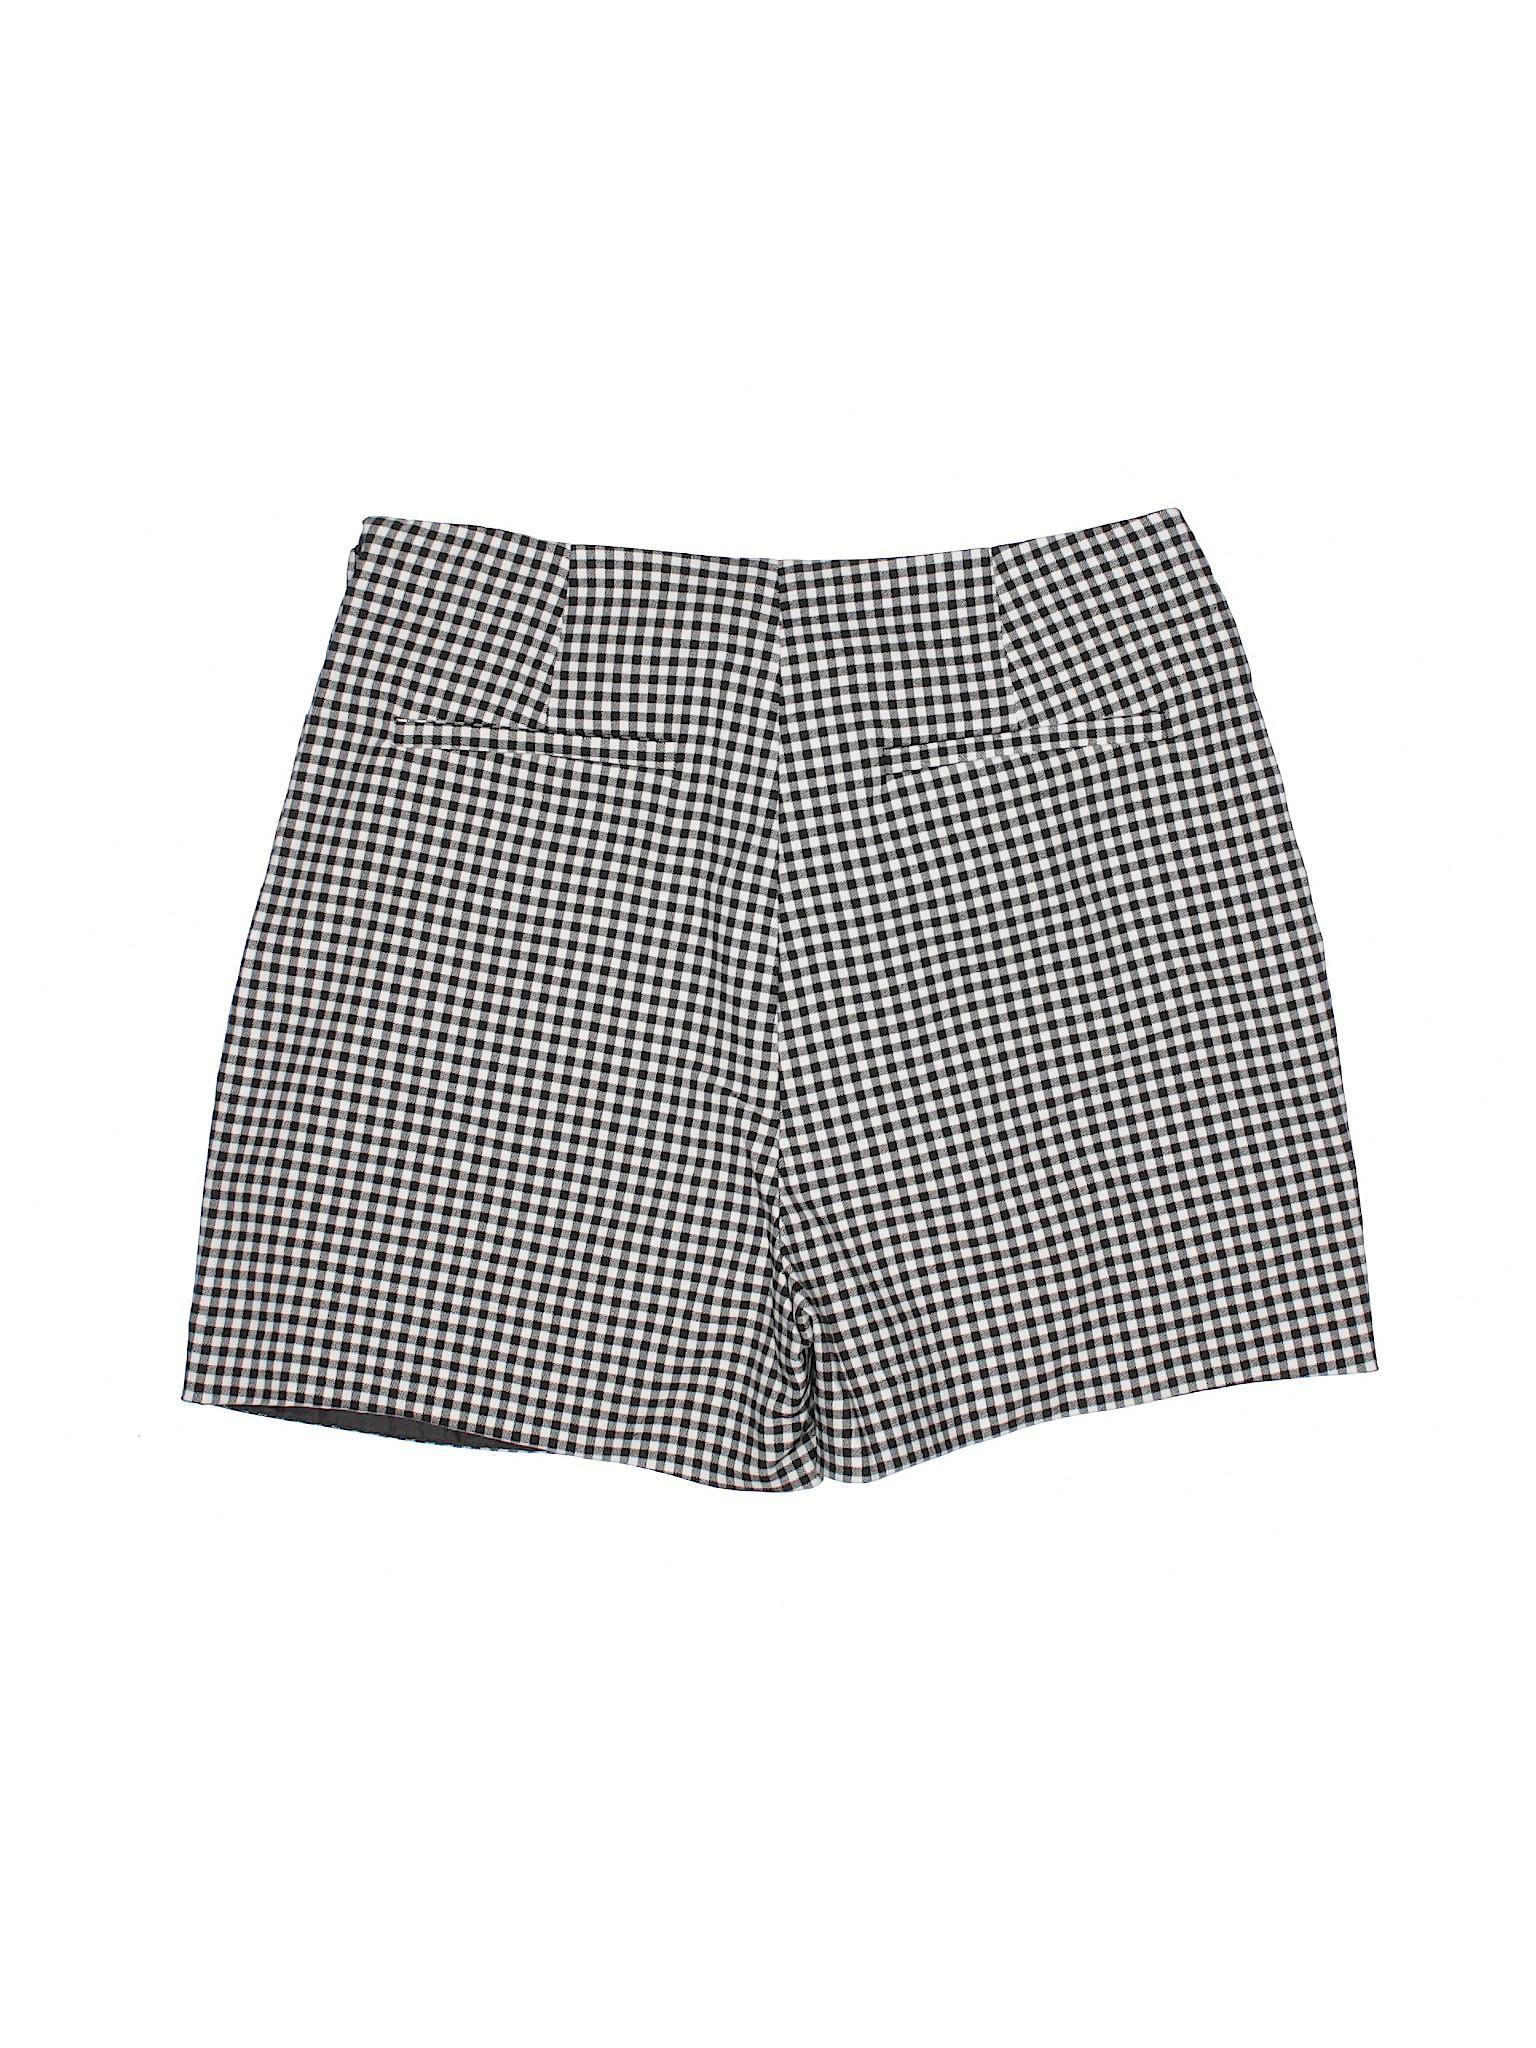 Shorts Dex Boutique Dressy Boutique Dex Dressy Shorts SqnU1gF